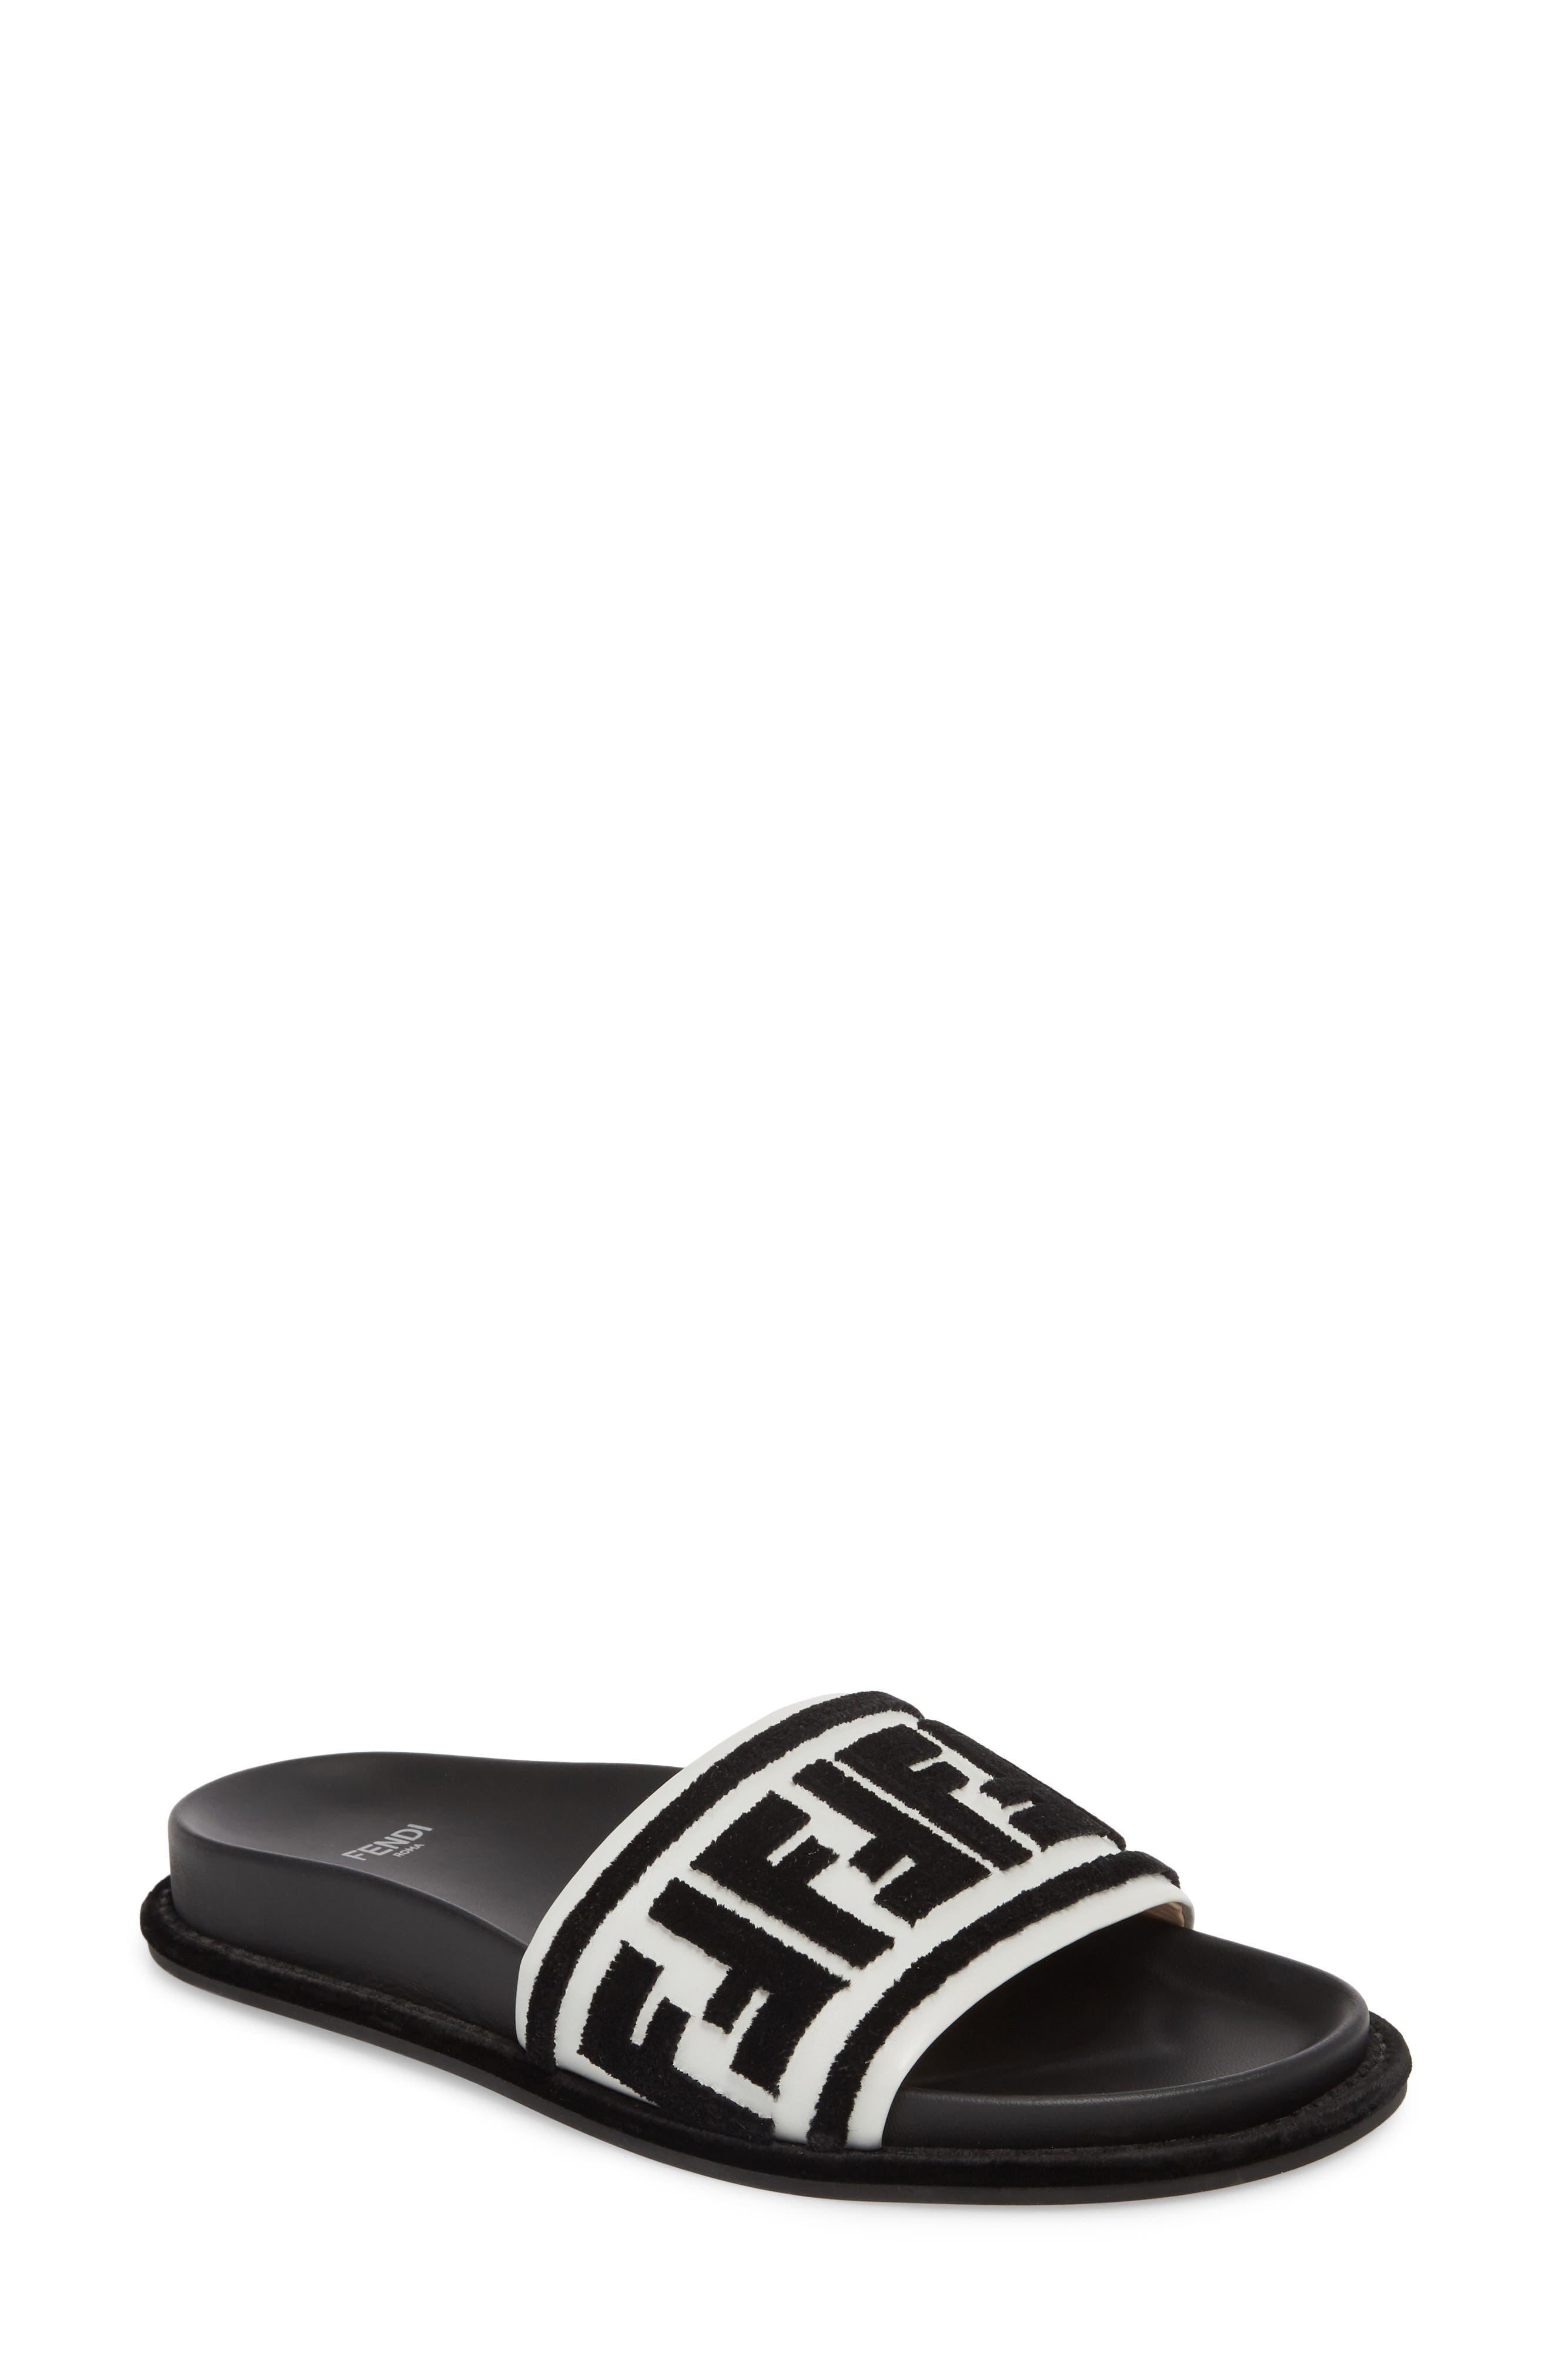 Glisser Sur Chaussures De Sport Pour Les Femmes En Vente, Noir, Cuir, 2017, 3.5 Fendi